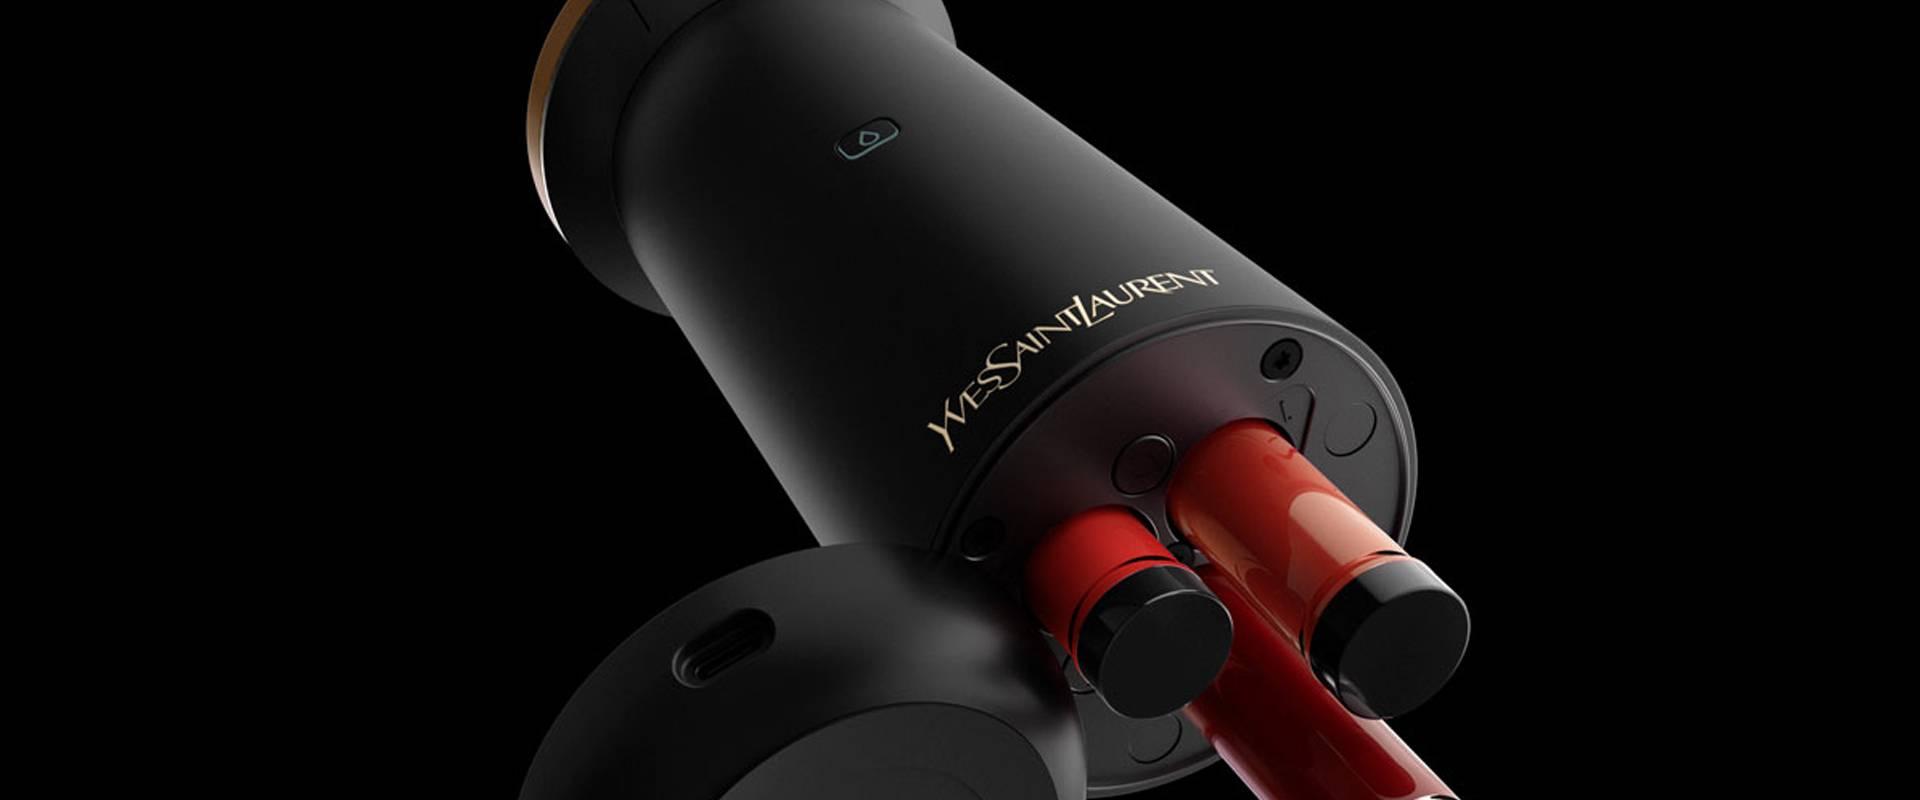 Yves Saint Laurent lanza dispositivo que crea cualquier tono de labial